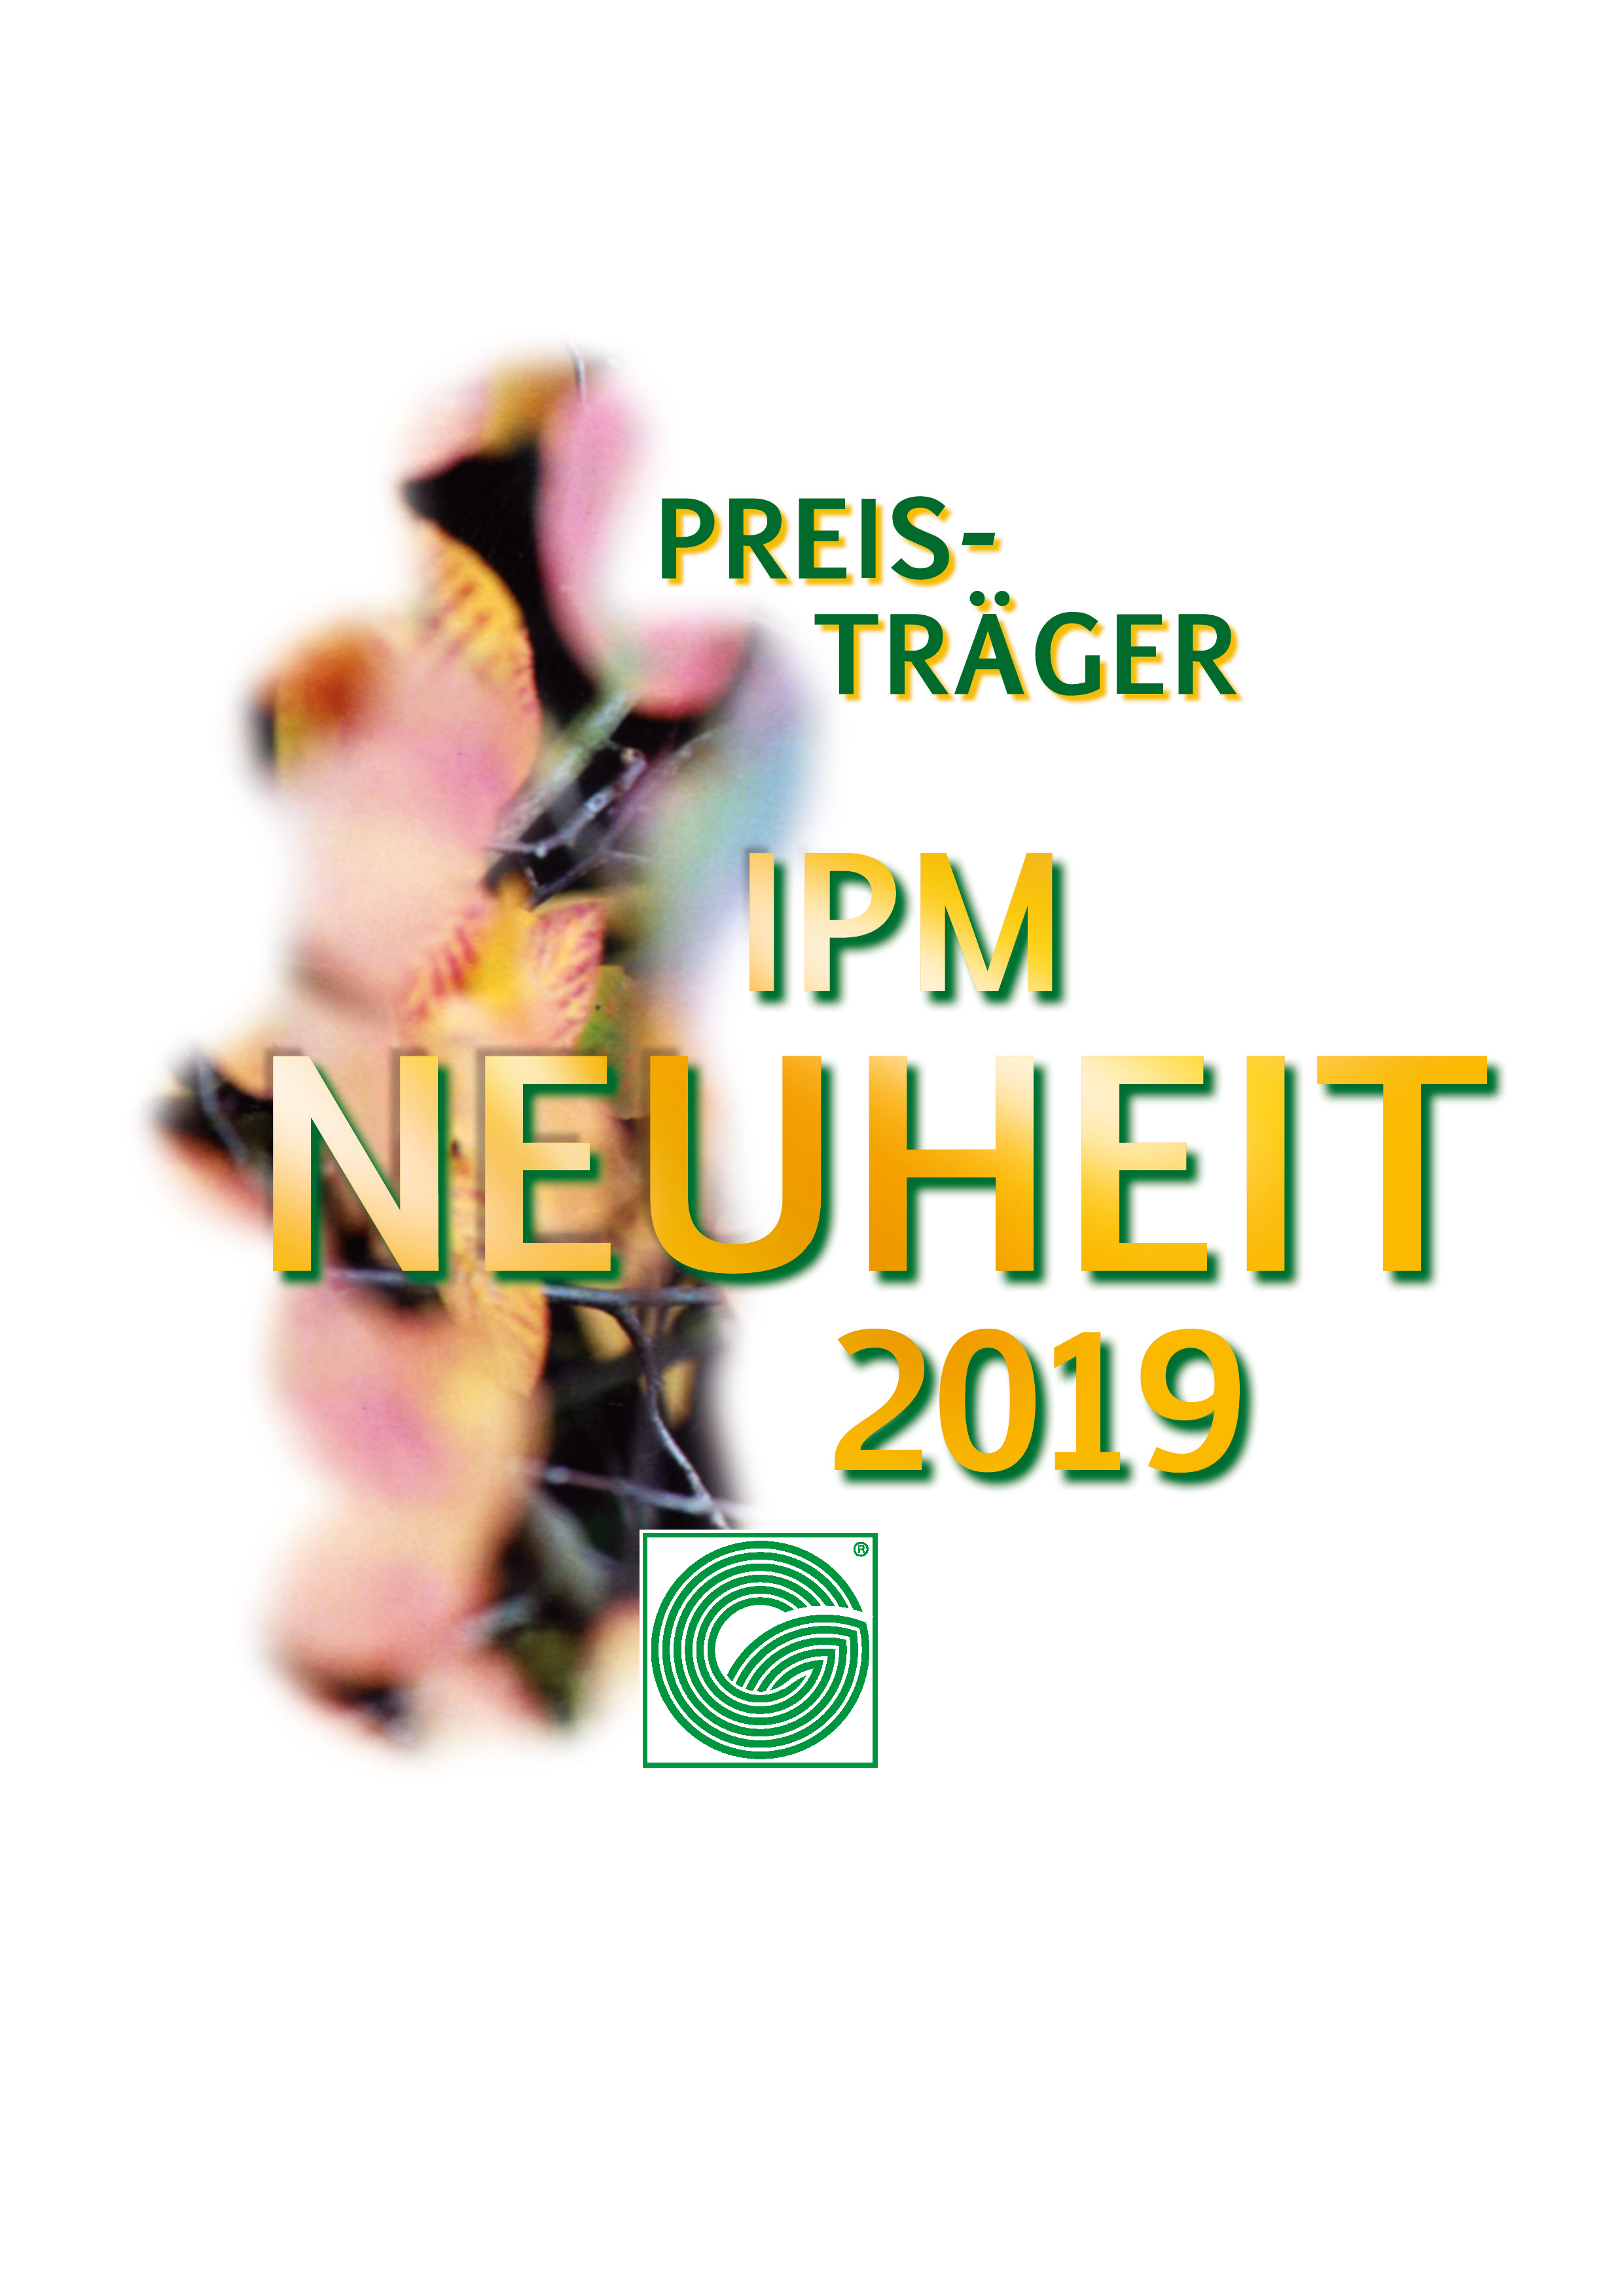 IPM Neuheit 2019